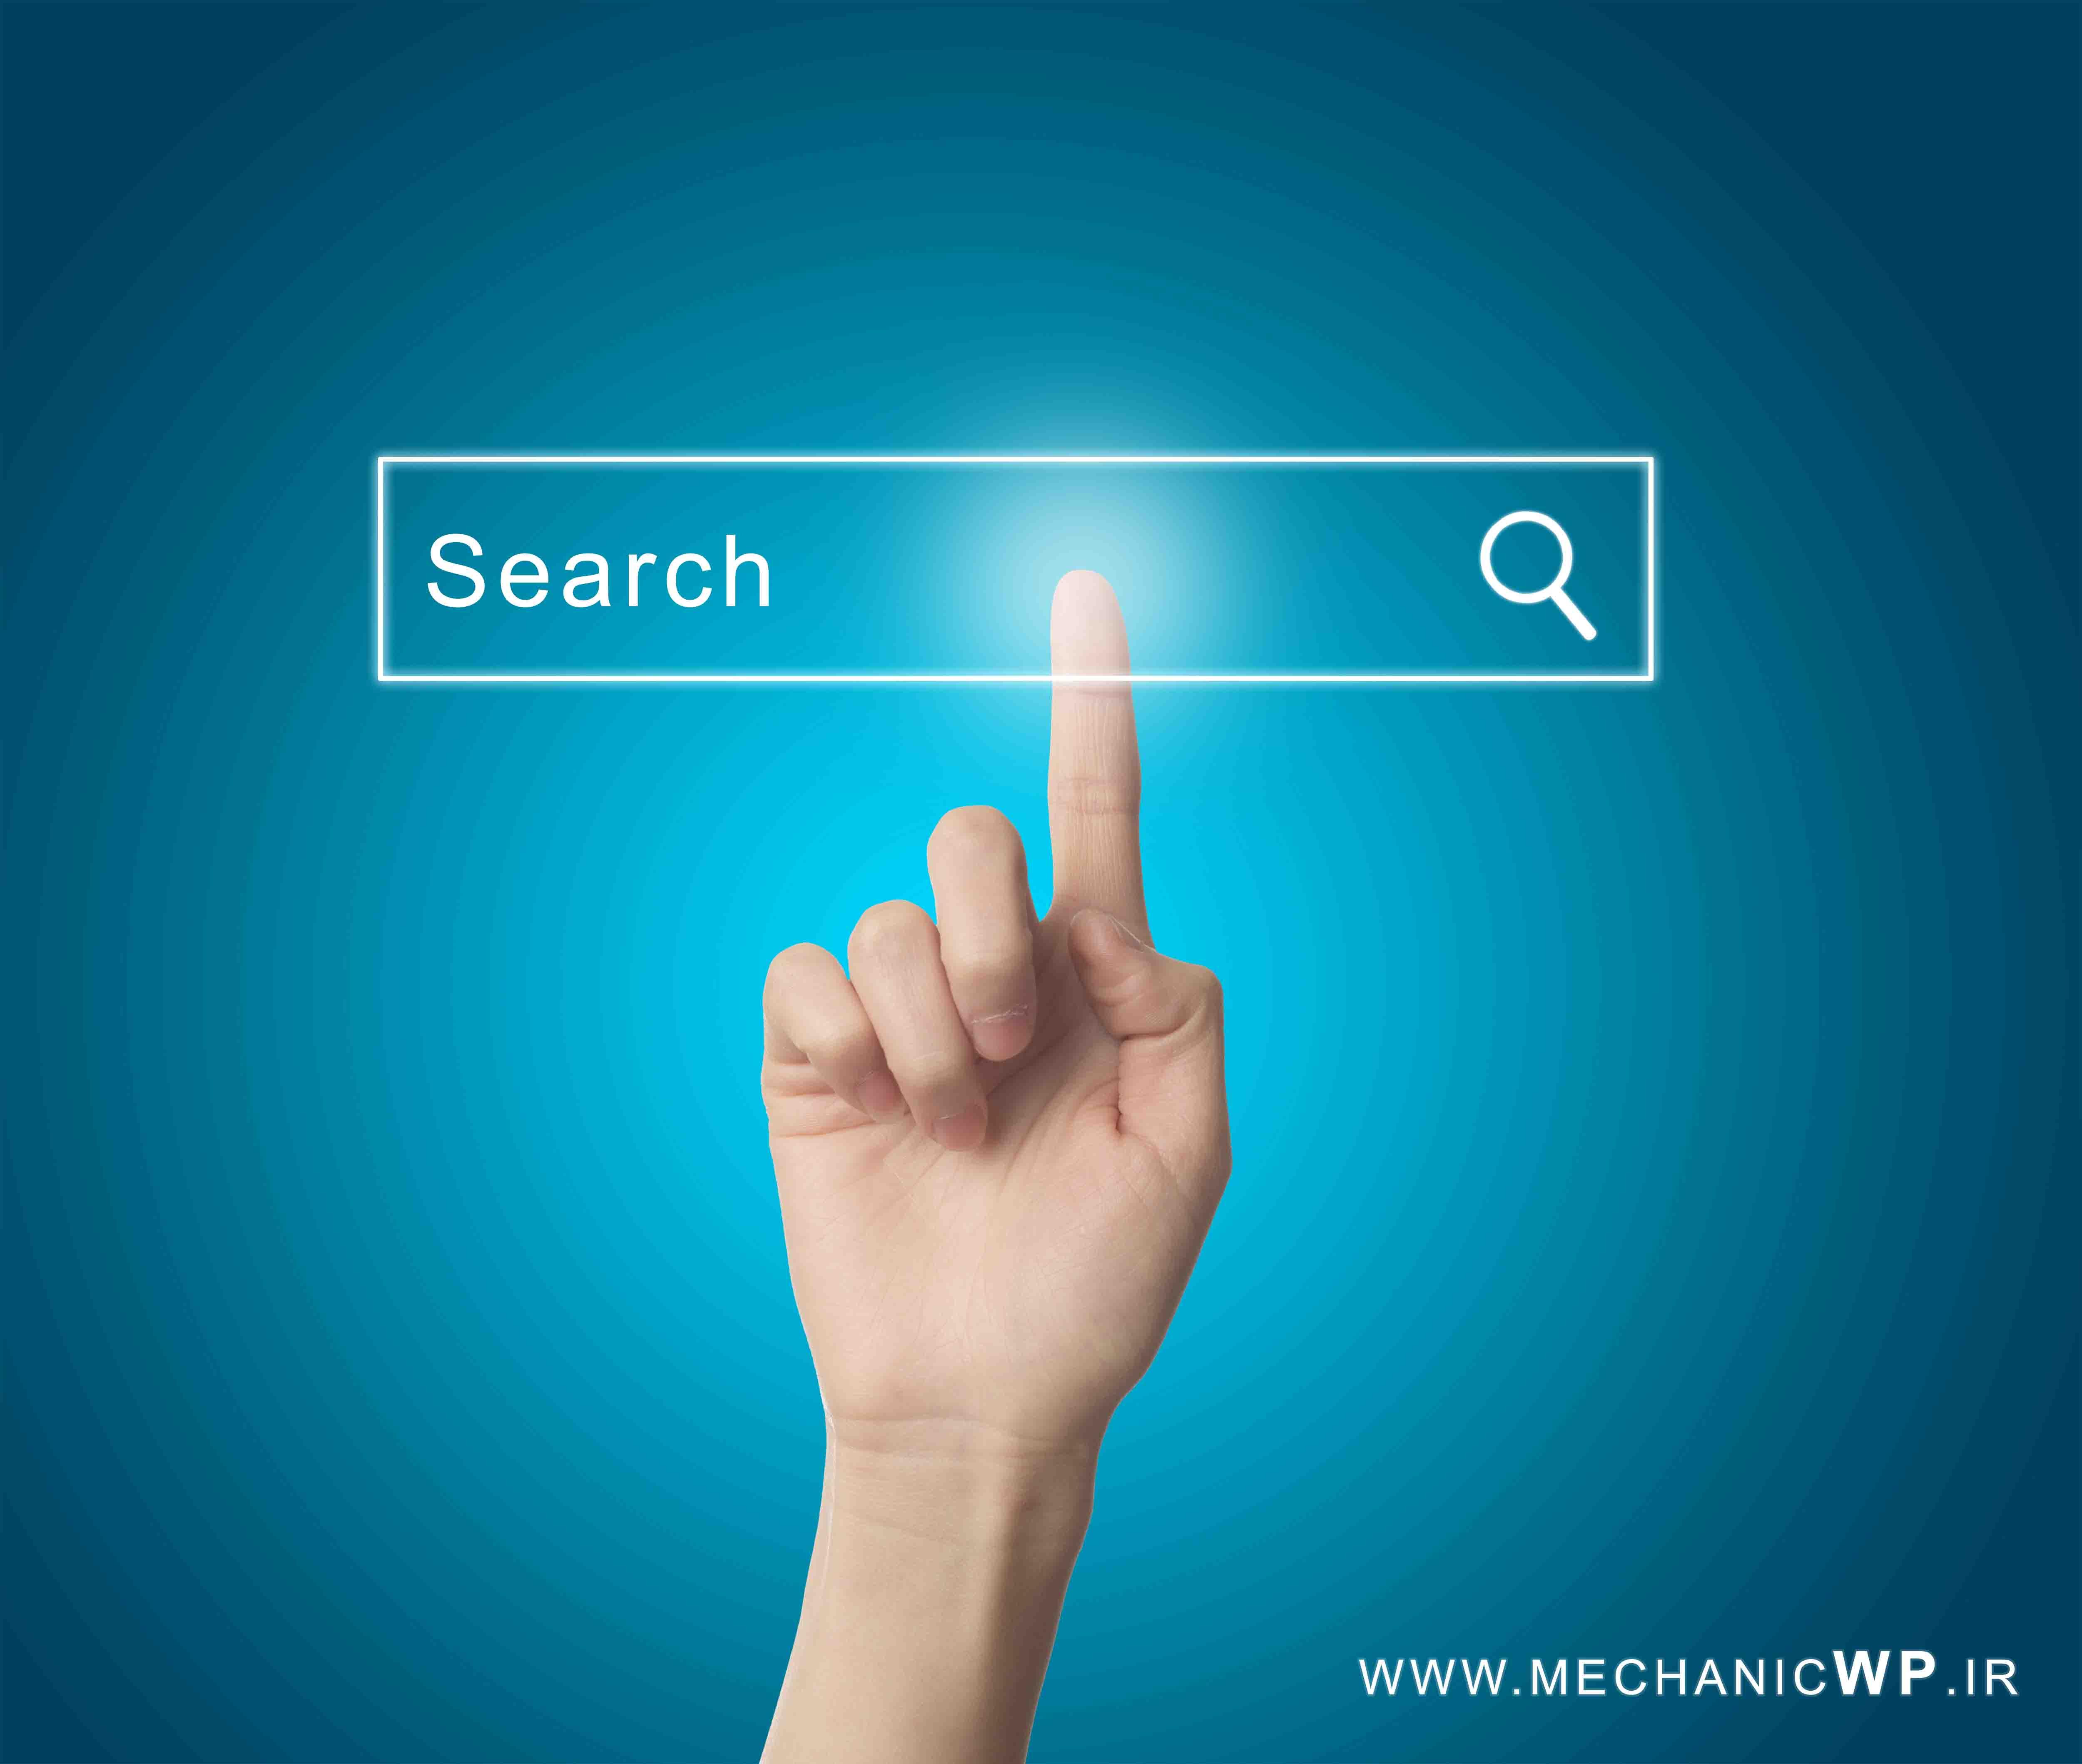 غیر فعال کردن جستجو در وردپرس